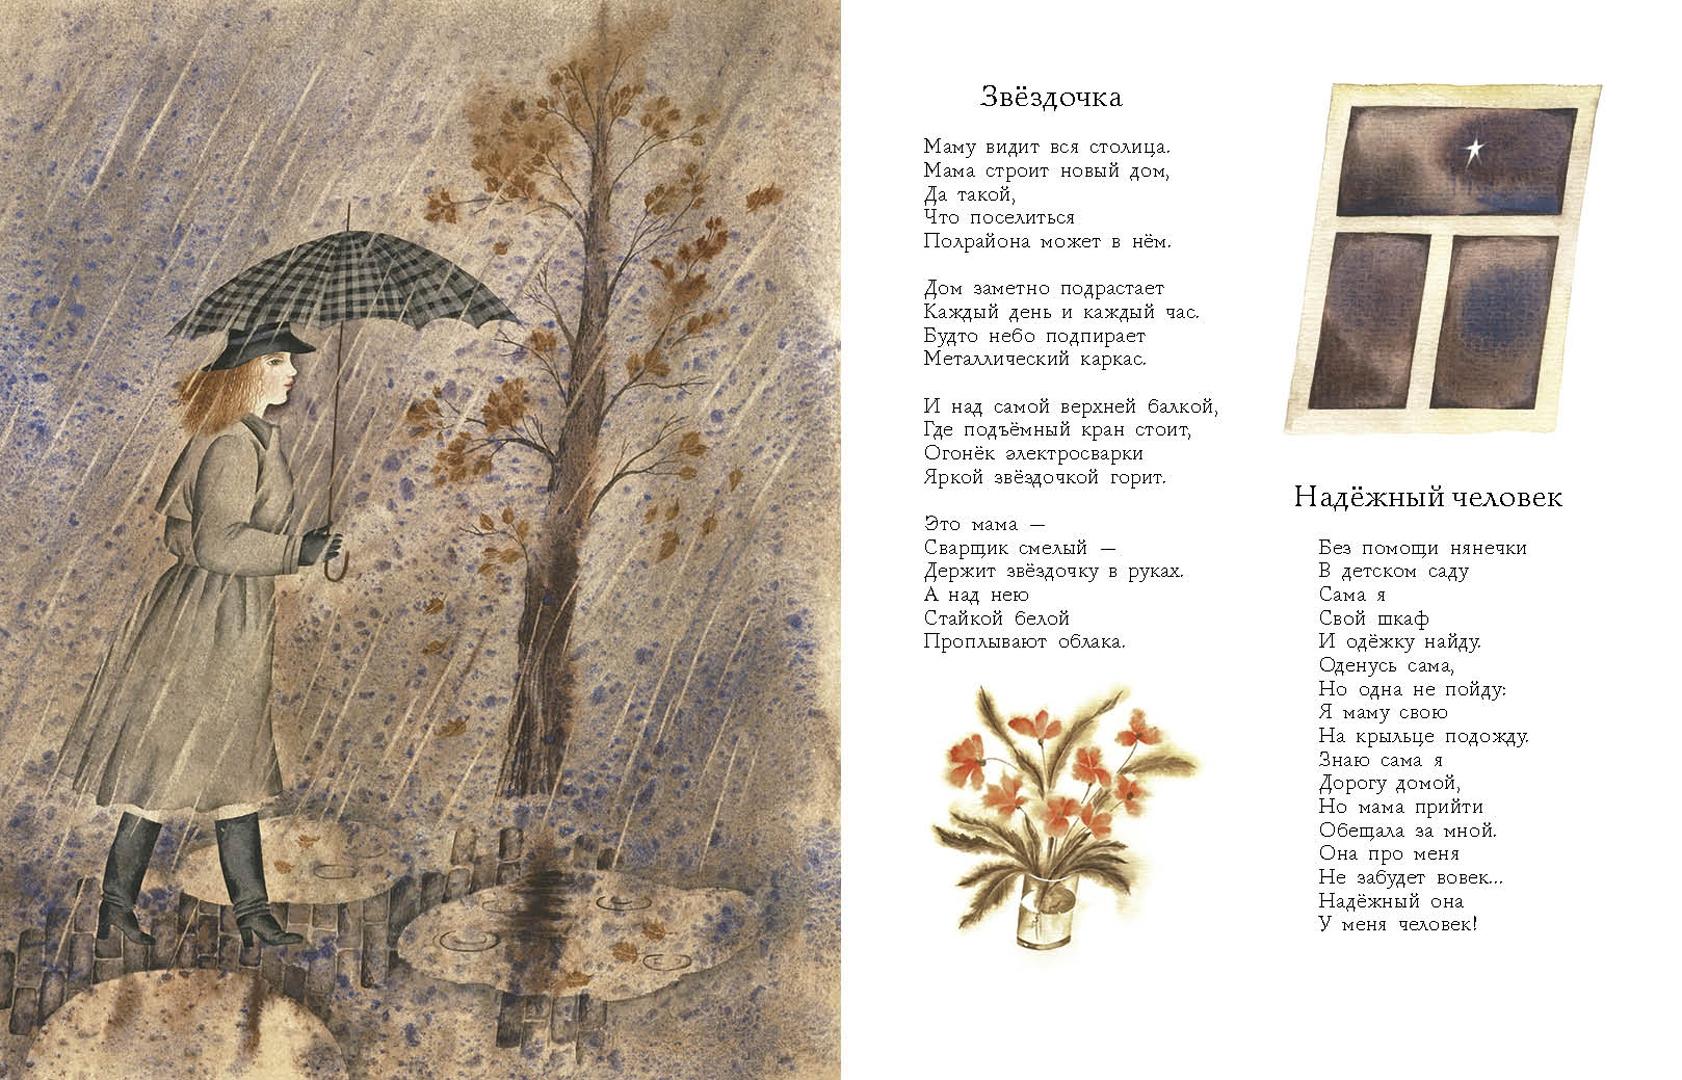 Георгий ладонщиков стихи для детей